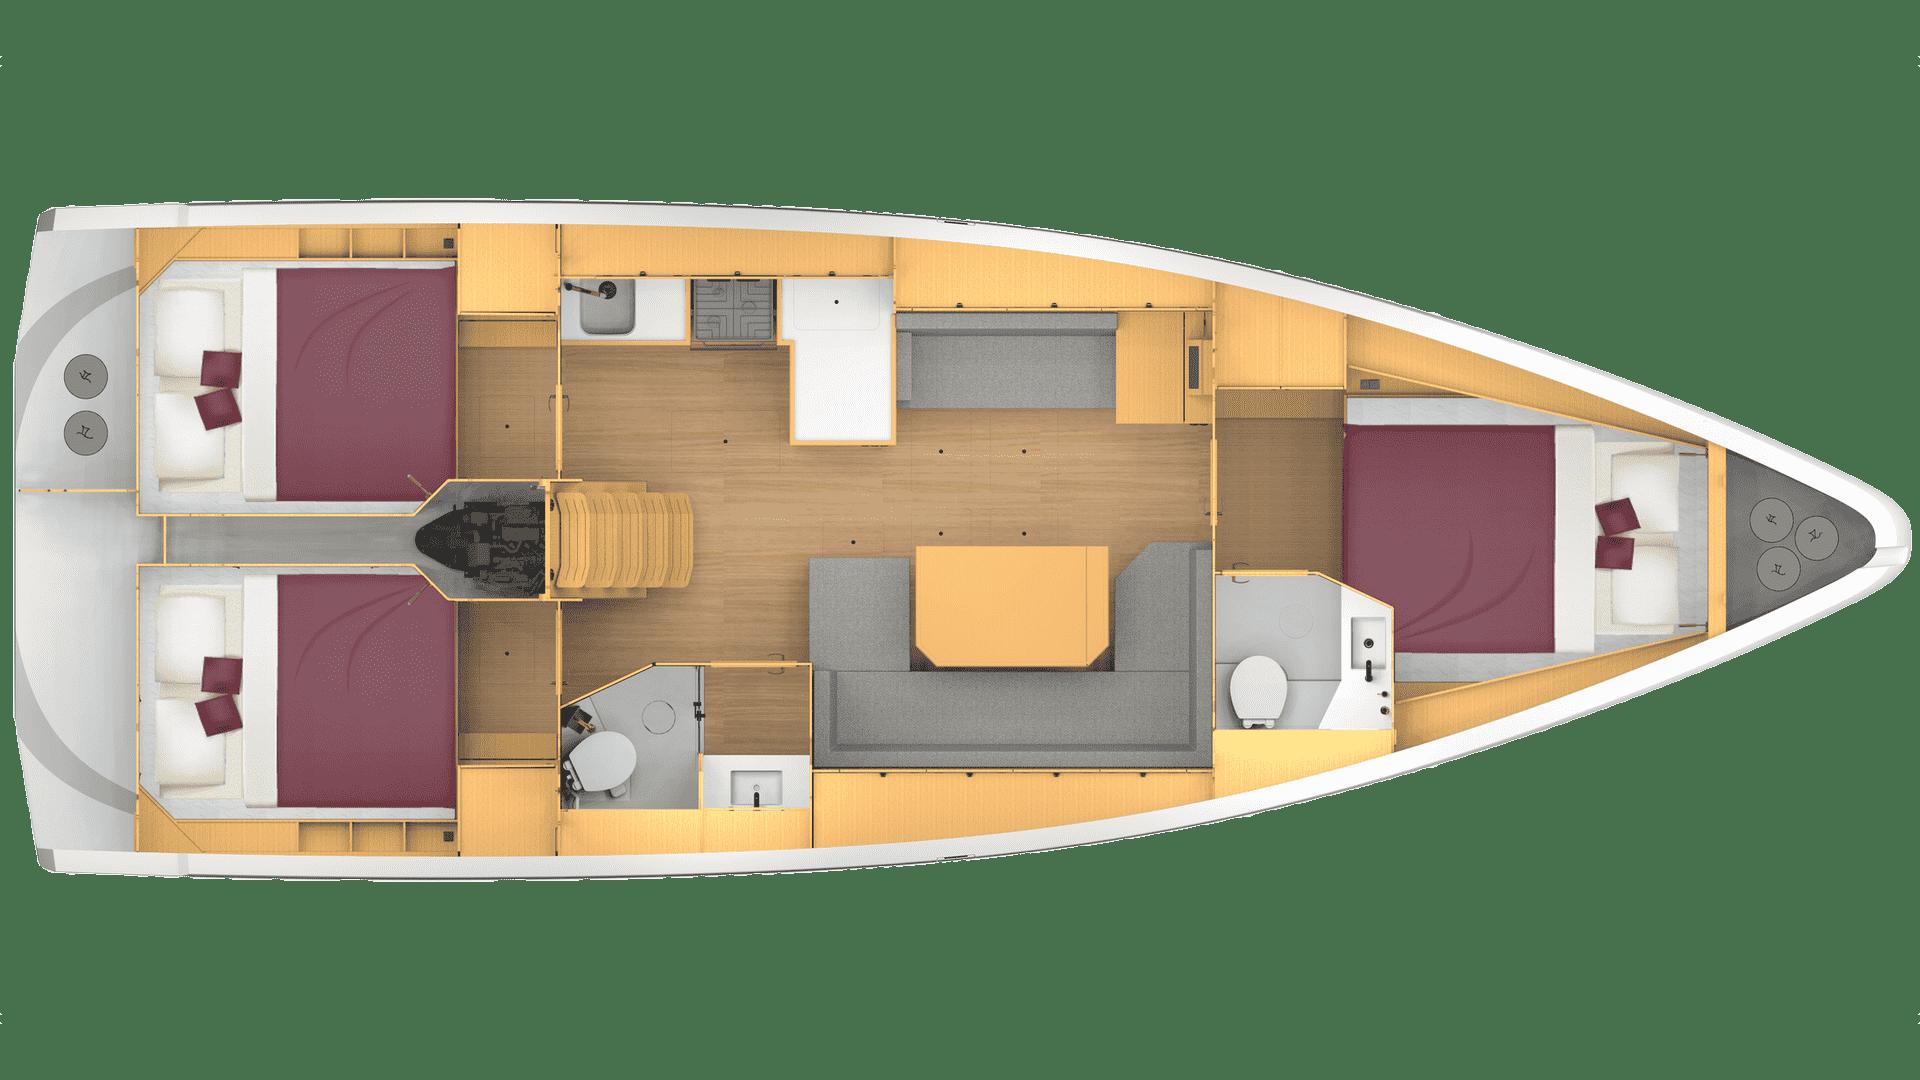 Bavaria C42 layout